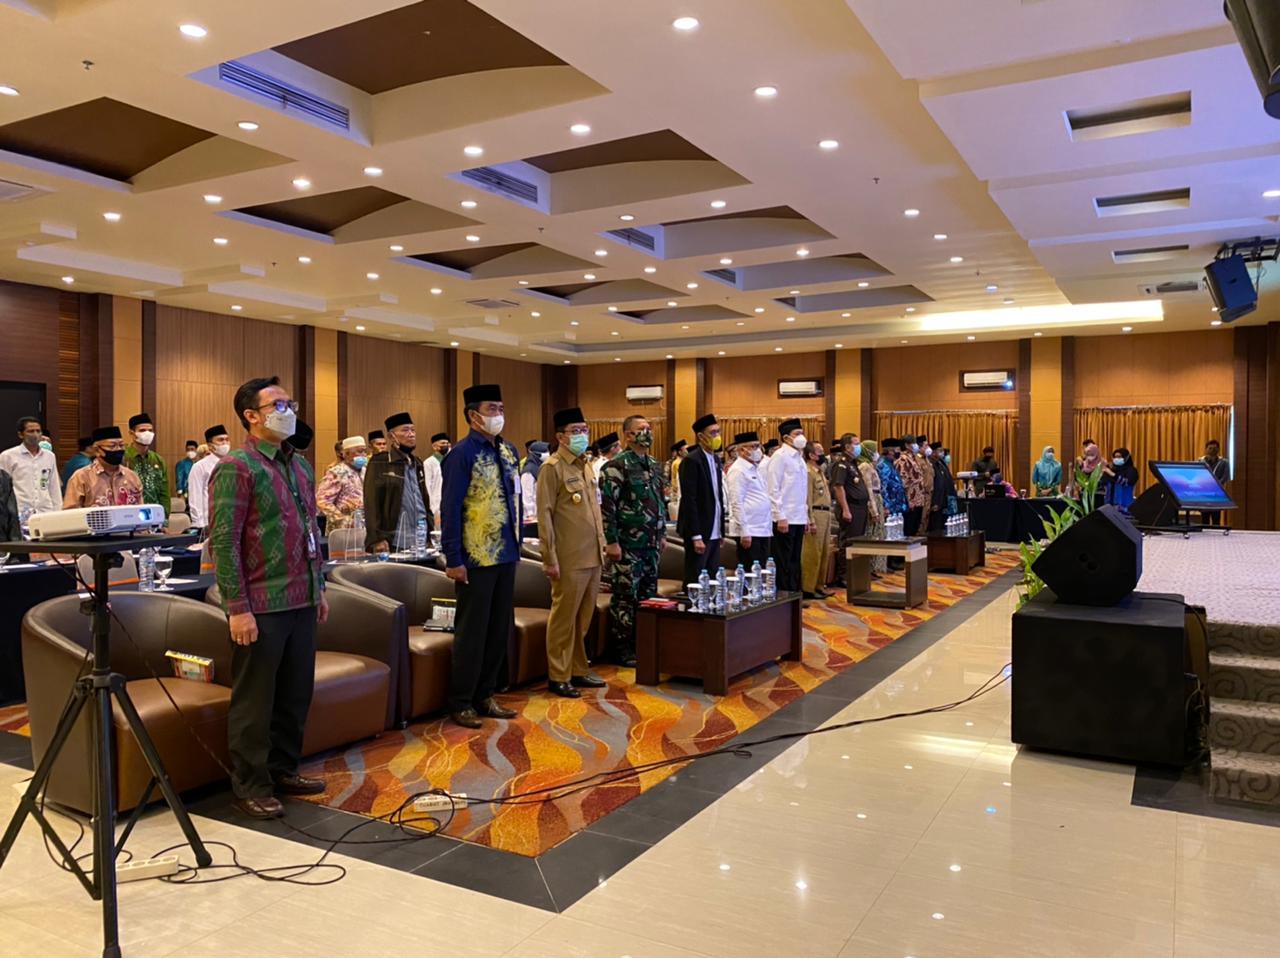 Ketua Baznas RI Paparkan 4 Faktor Utama pada Rakorda Baznas Kalsel